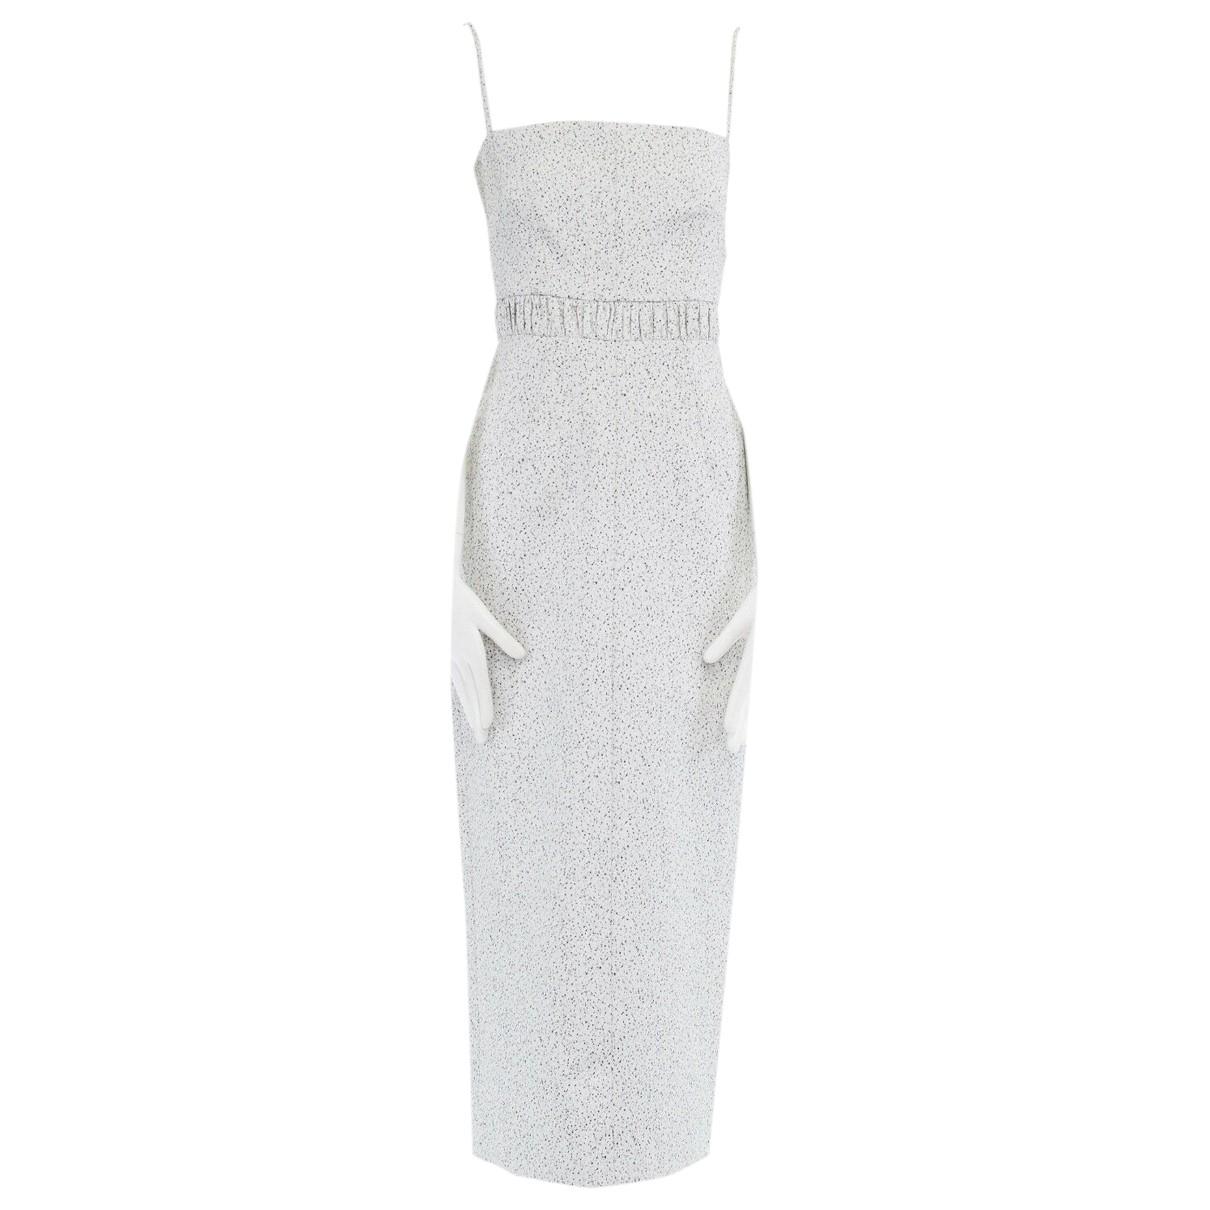 Emilia Wickstead \N Kleid in  Grau Baumwolle